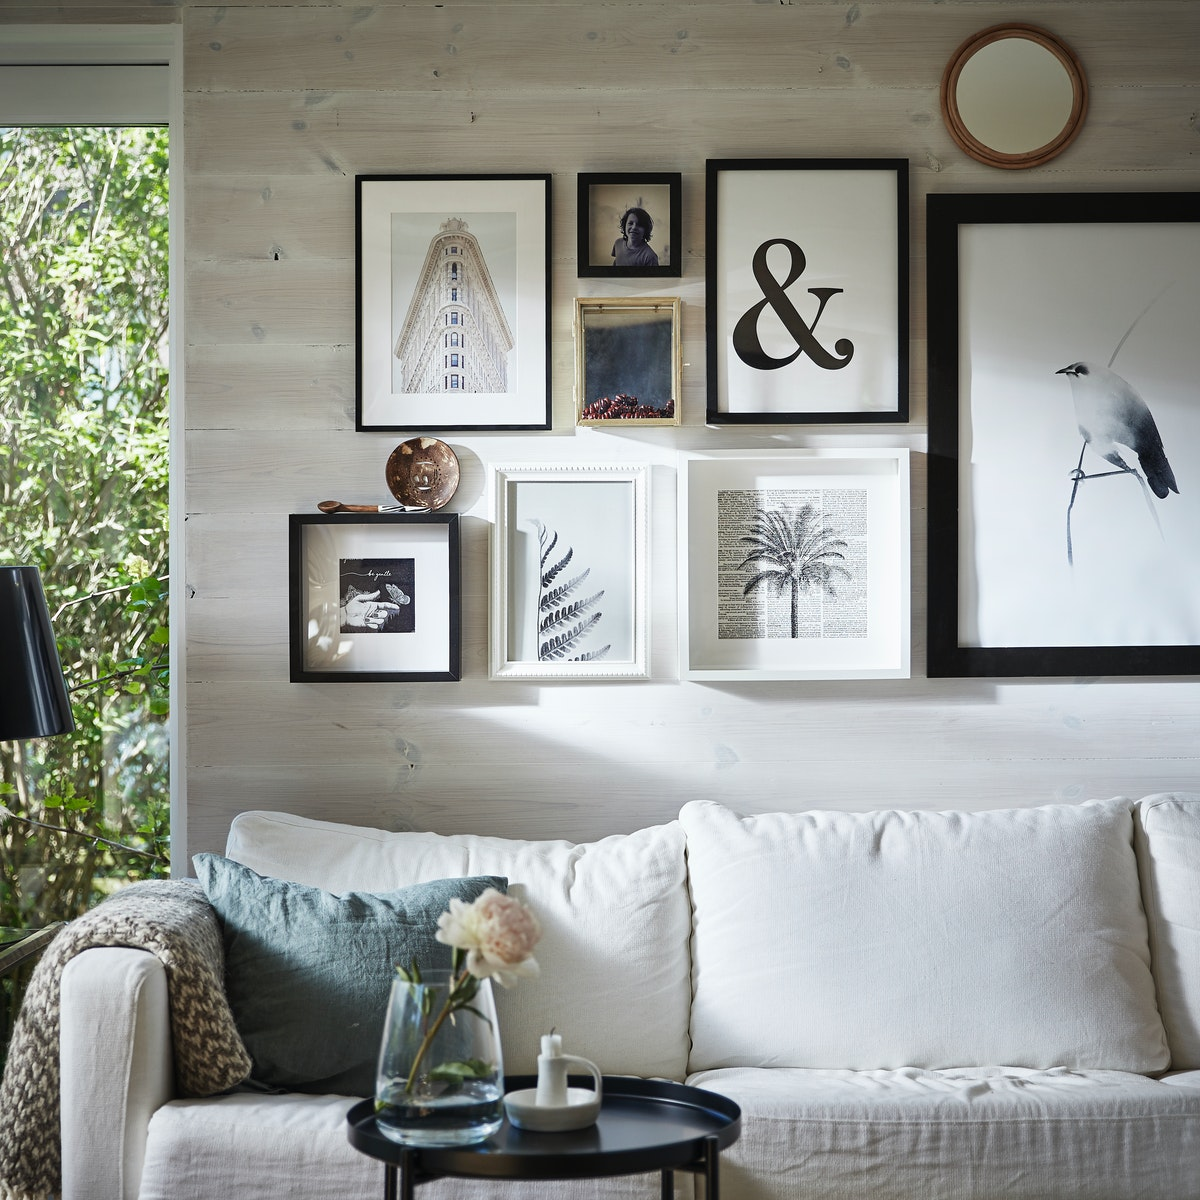 Интерьер гостиной с коллажом на стене 1